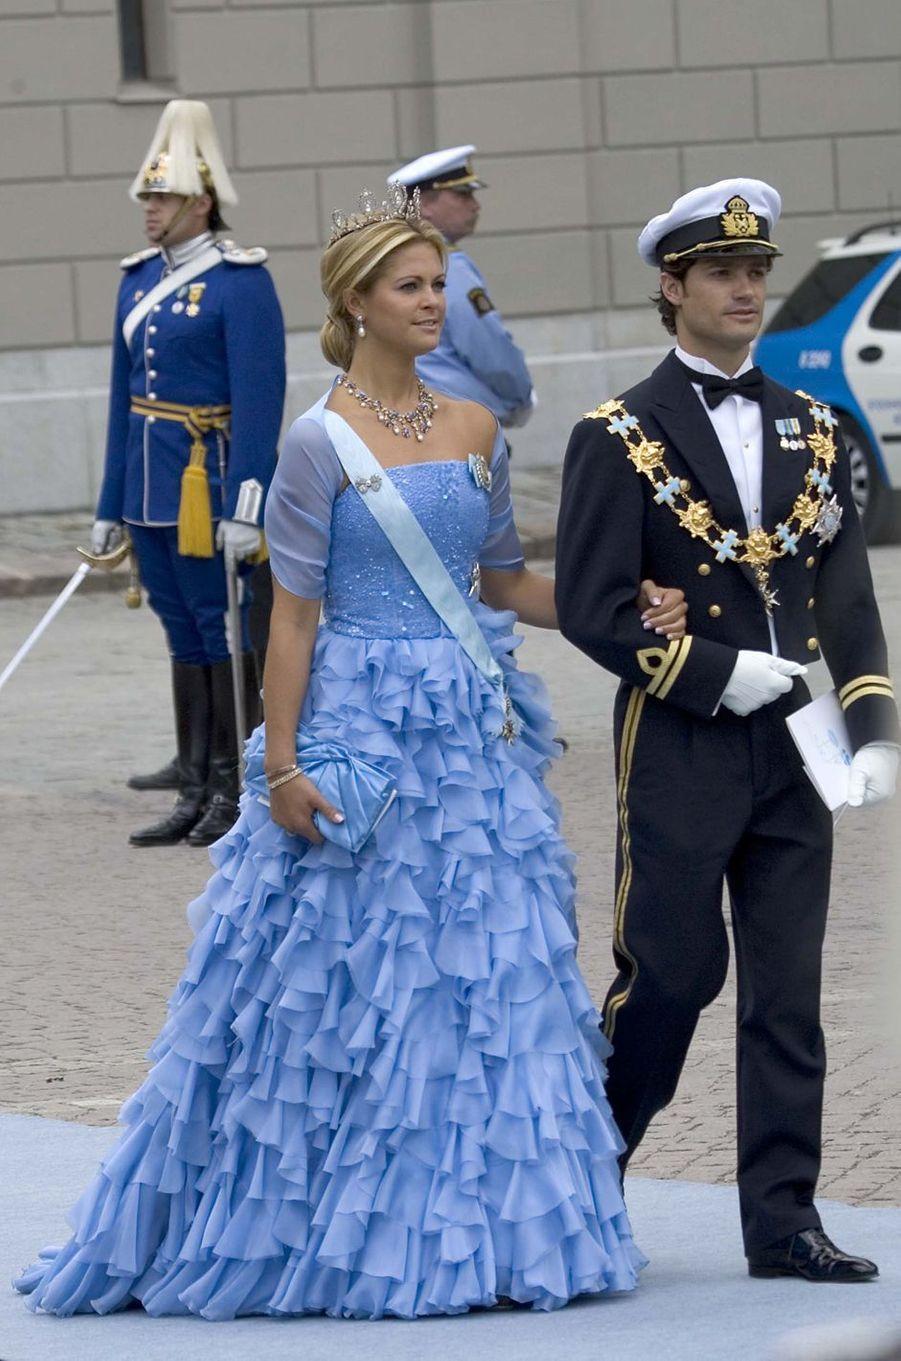 La princesse Madeleine de Suède dans une robe Linda Nurk le 19 juin 2010